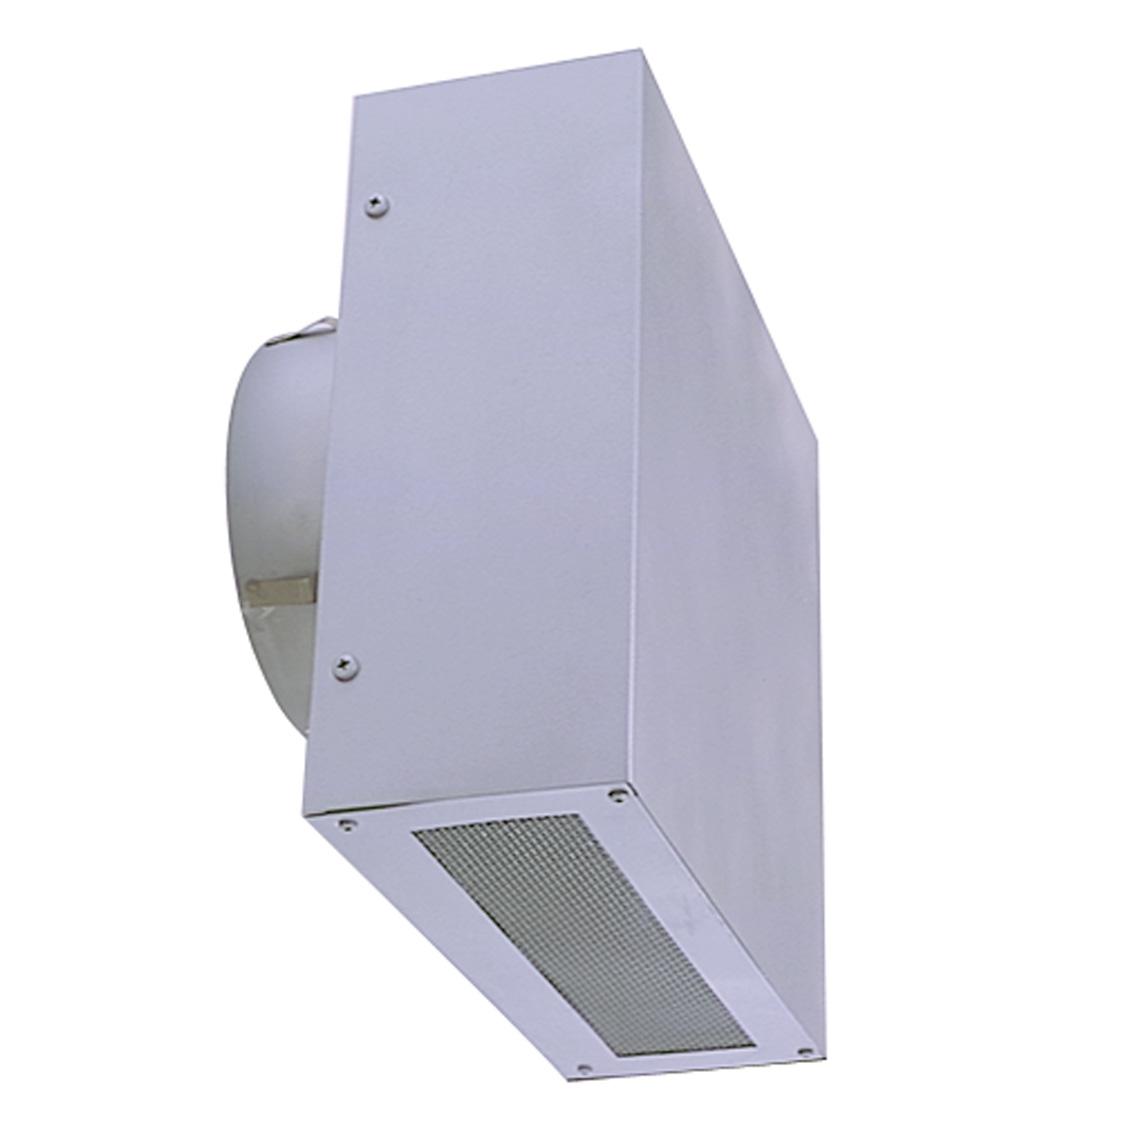 西邦工業 SEIHO KKN100BS 受注生産 防音型製品(ステンレス製換気口) 金網型10メッシュ 防音タイプ